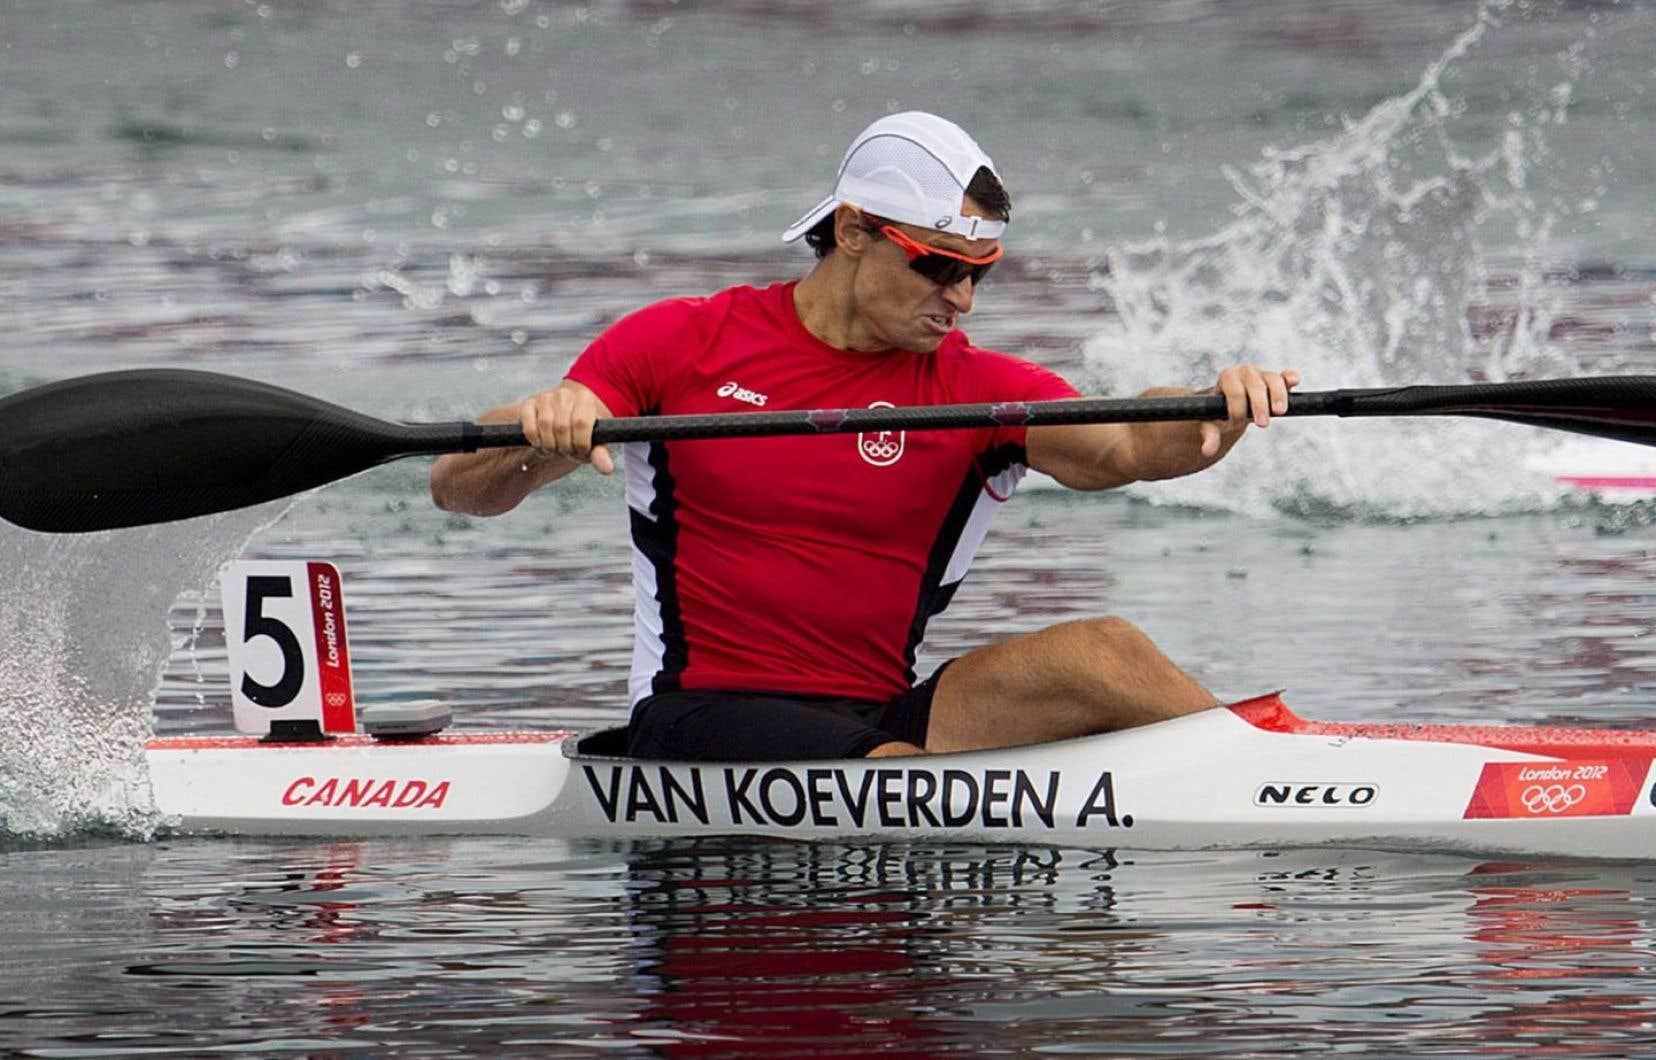 Van Koeverden croit que la communauté sportive n'est pas nécessairement surprise des conclusions de l'enquête.